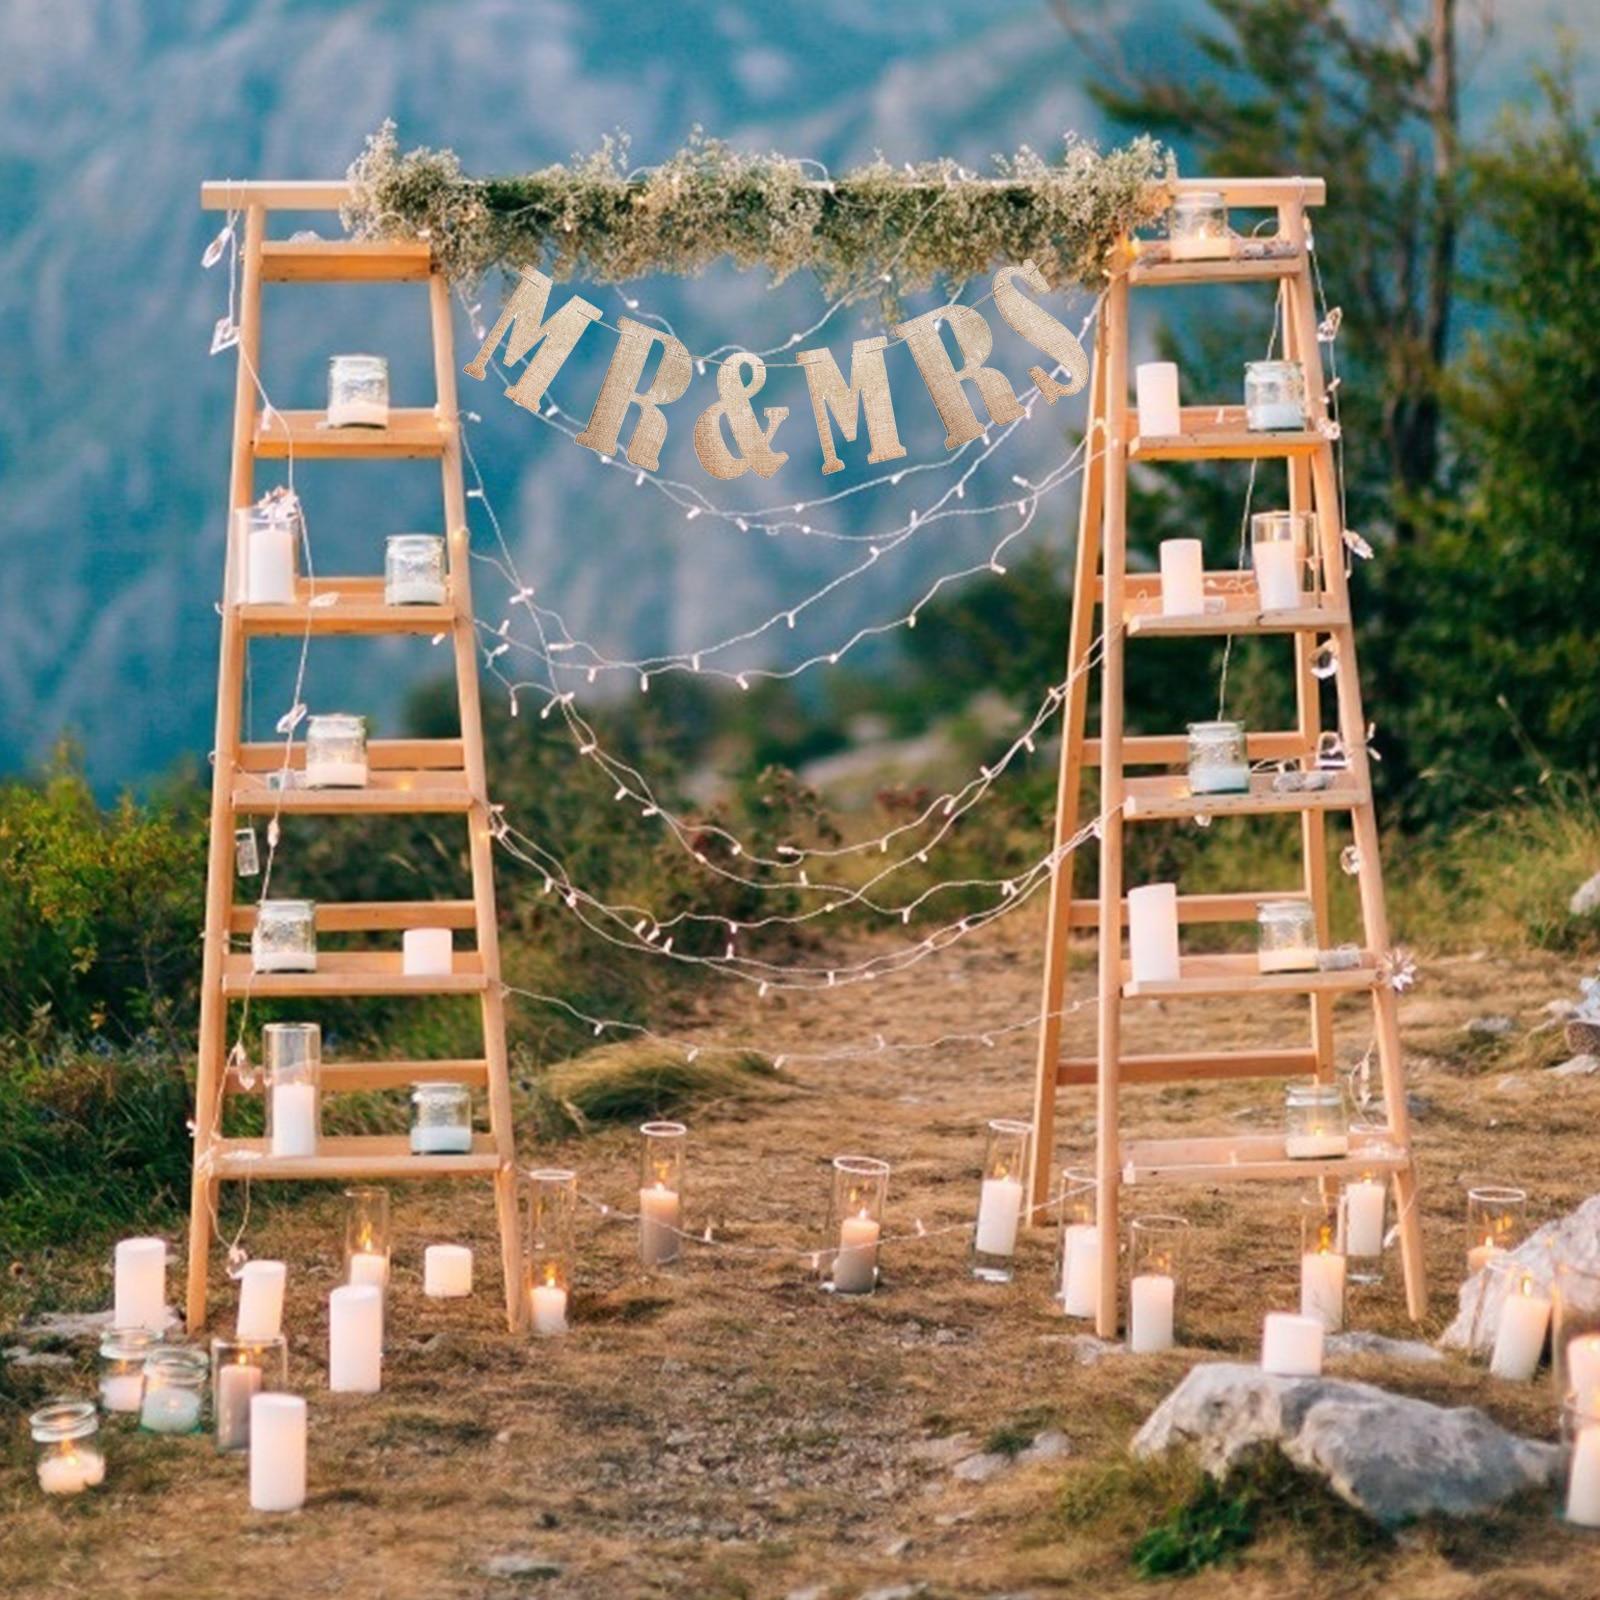 Novo hessian carta A-Z no.0-9 juta tecido rústico serapilheira bunting banners bandeiras barra de doces festa de aniversário do vintage decoração de casamento